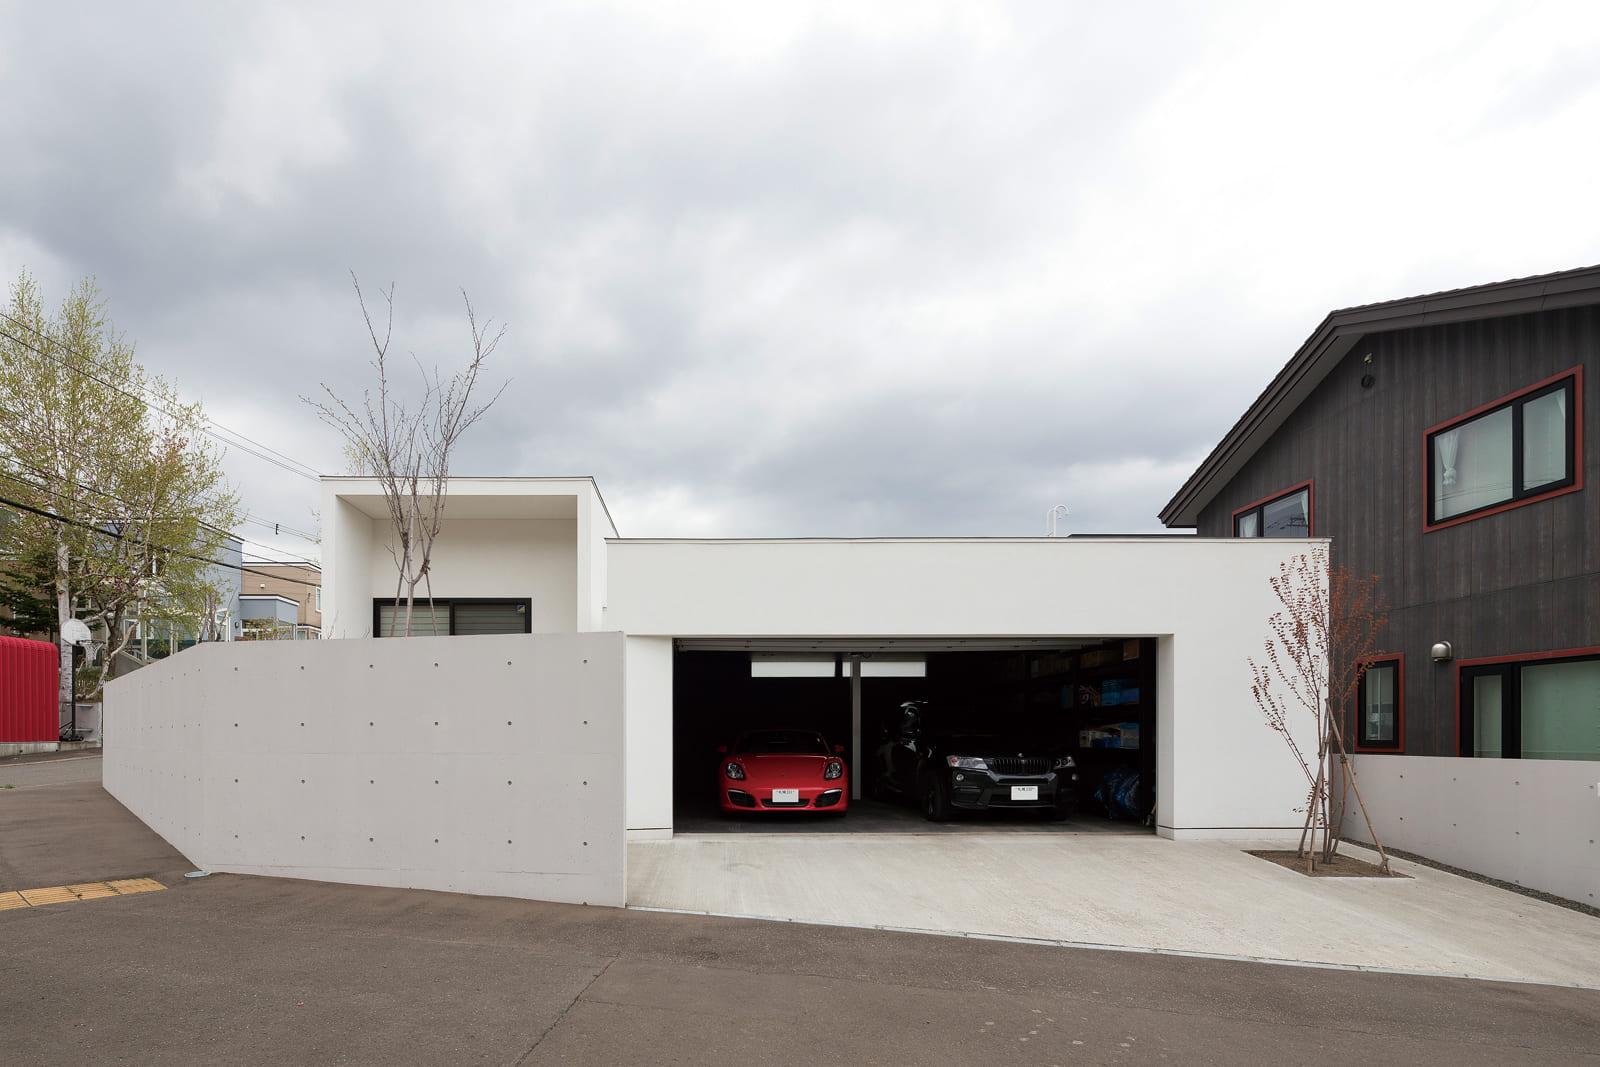 Oさんの趣味でもある車のためのガレージと一体となったモダンなデザイン